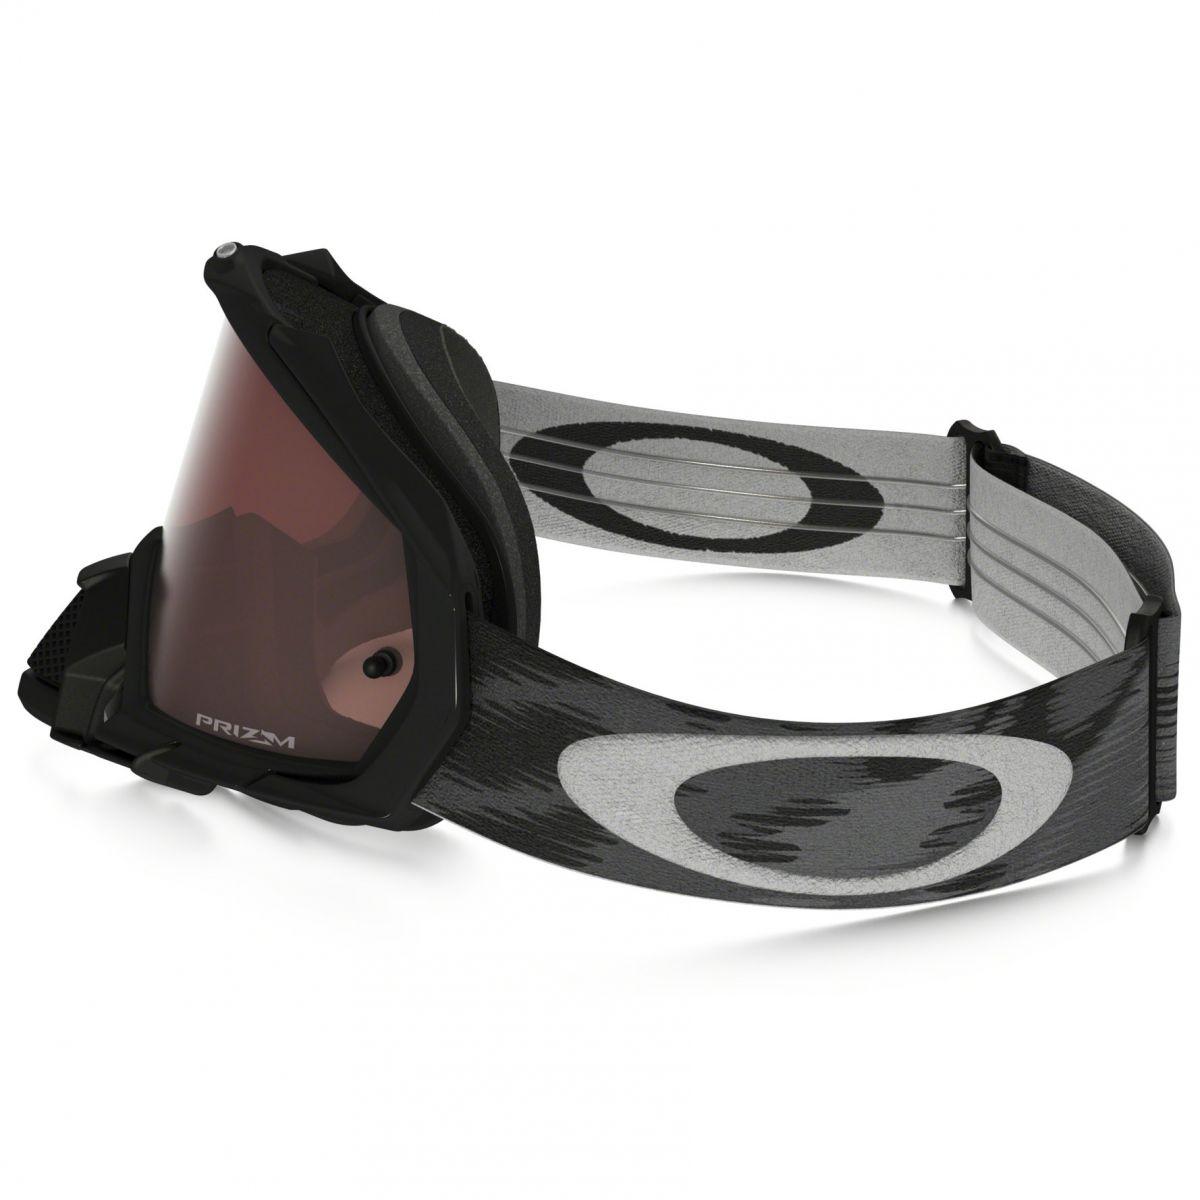 Oakley - Mayhem Pro Solid очки черные глянцевые, линза бронзовая Prizm MX